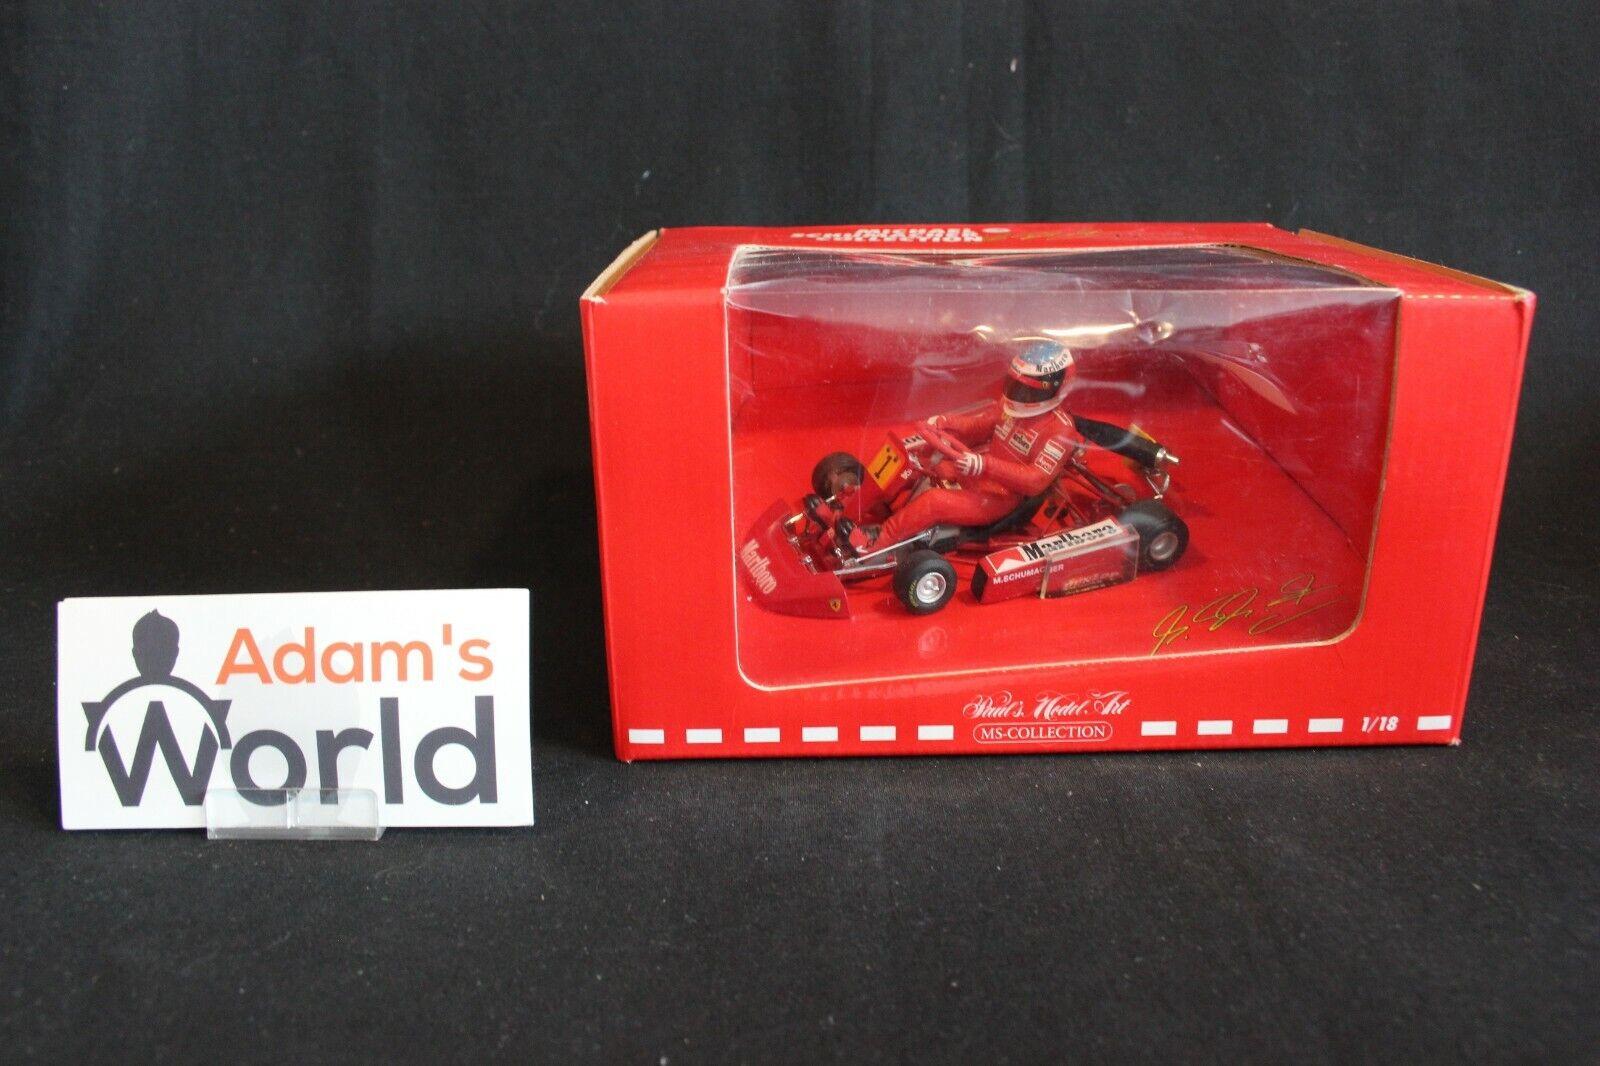 Minichamps Go Kart 2003 1 18 Michael Schumacher (GER)  Marlbgold  (PJBB)